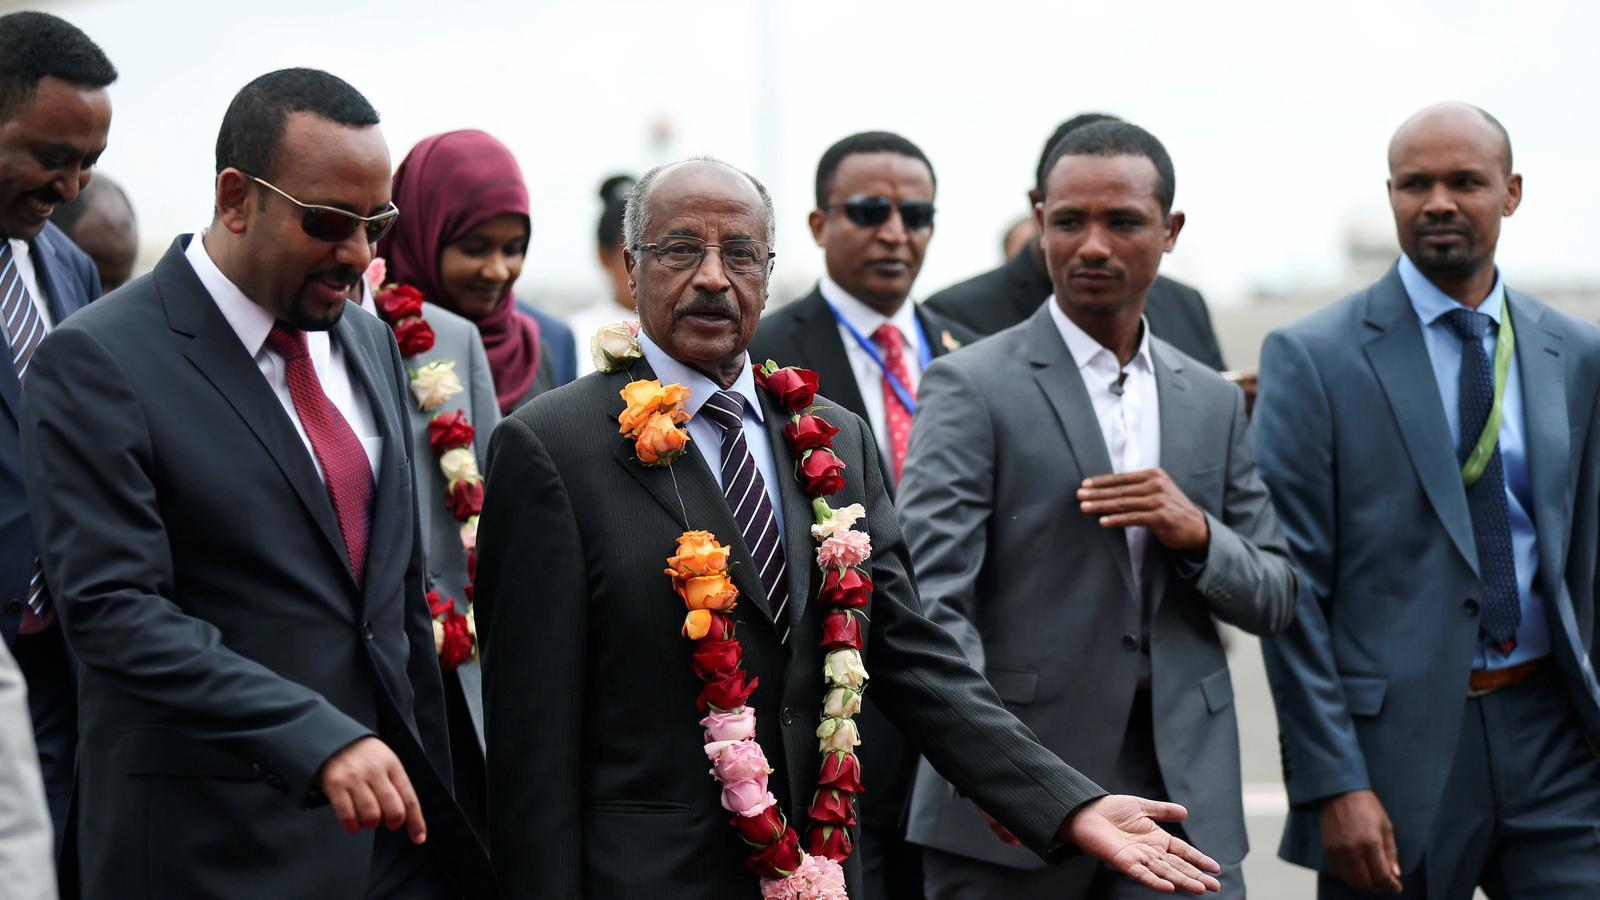 El primer ministre d'Etiòpia, Abiy Ahmed, rebent el ministre de Relacions Exteriors d'Eritrea, Osman Saleh, a l'aeroport Bole d'Addis Abeba